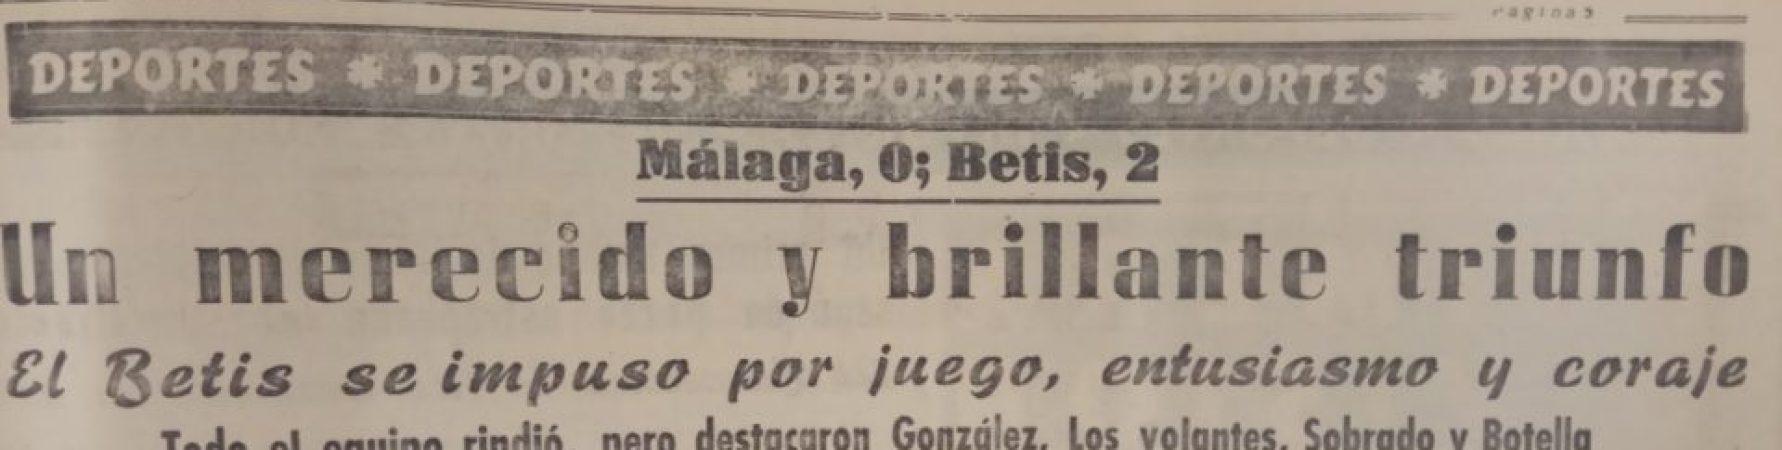 Hoy hace 65 años. Málaga 0 Betis 2.